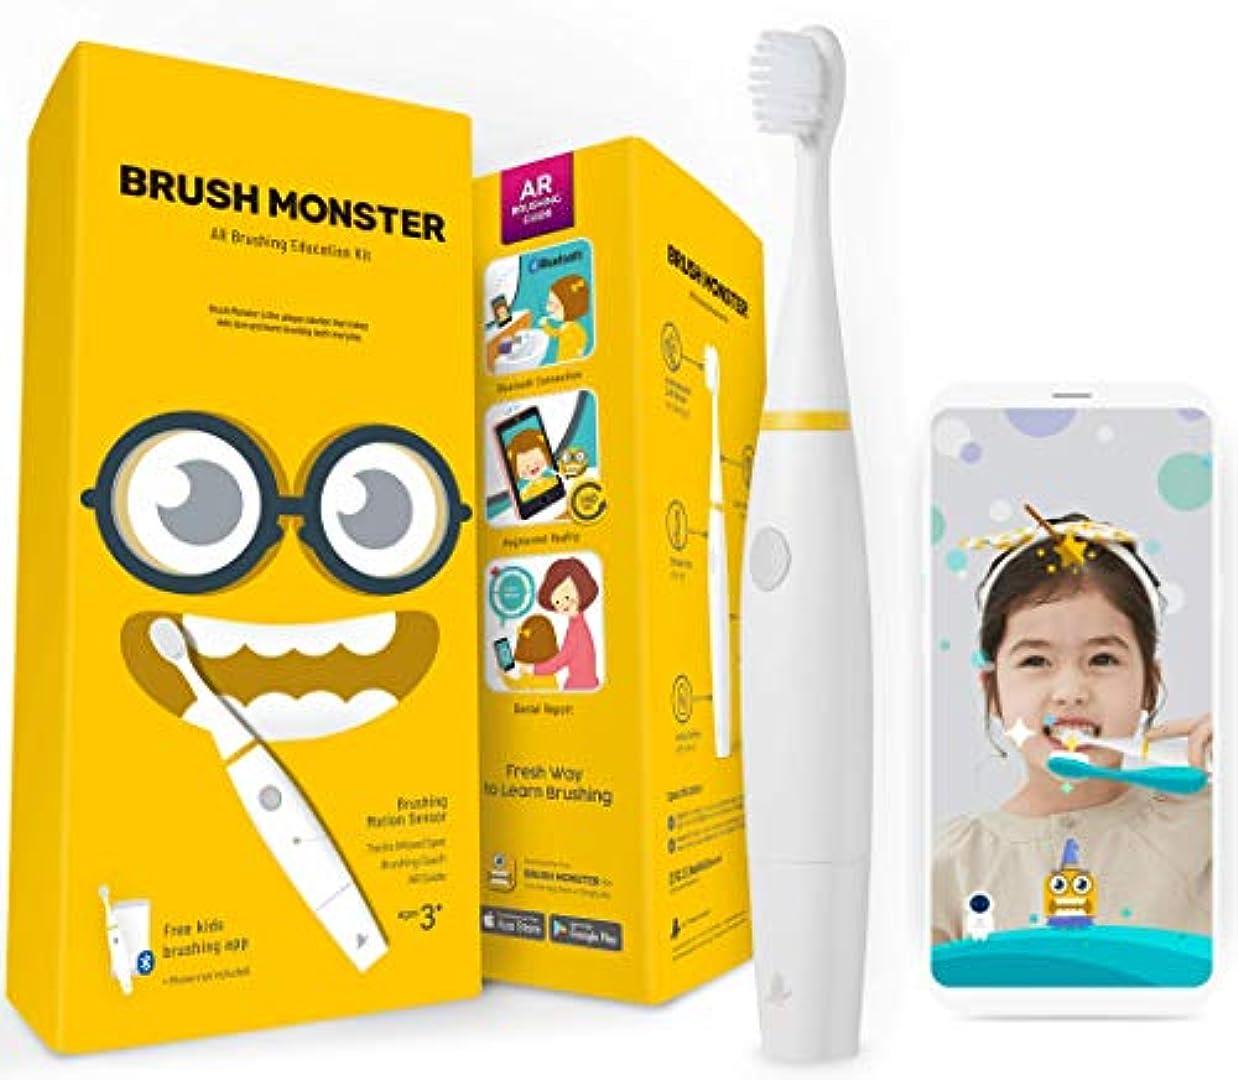 がんばり続ける経済的観光に行くBRUSH MONSTER ブラッシュモンスターキッズ 子供用スマートトラッキング電動歯ブラシ AR(拡張現実)搭載 歯育アプリ連動 BMT100 (本体ホワイト)